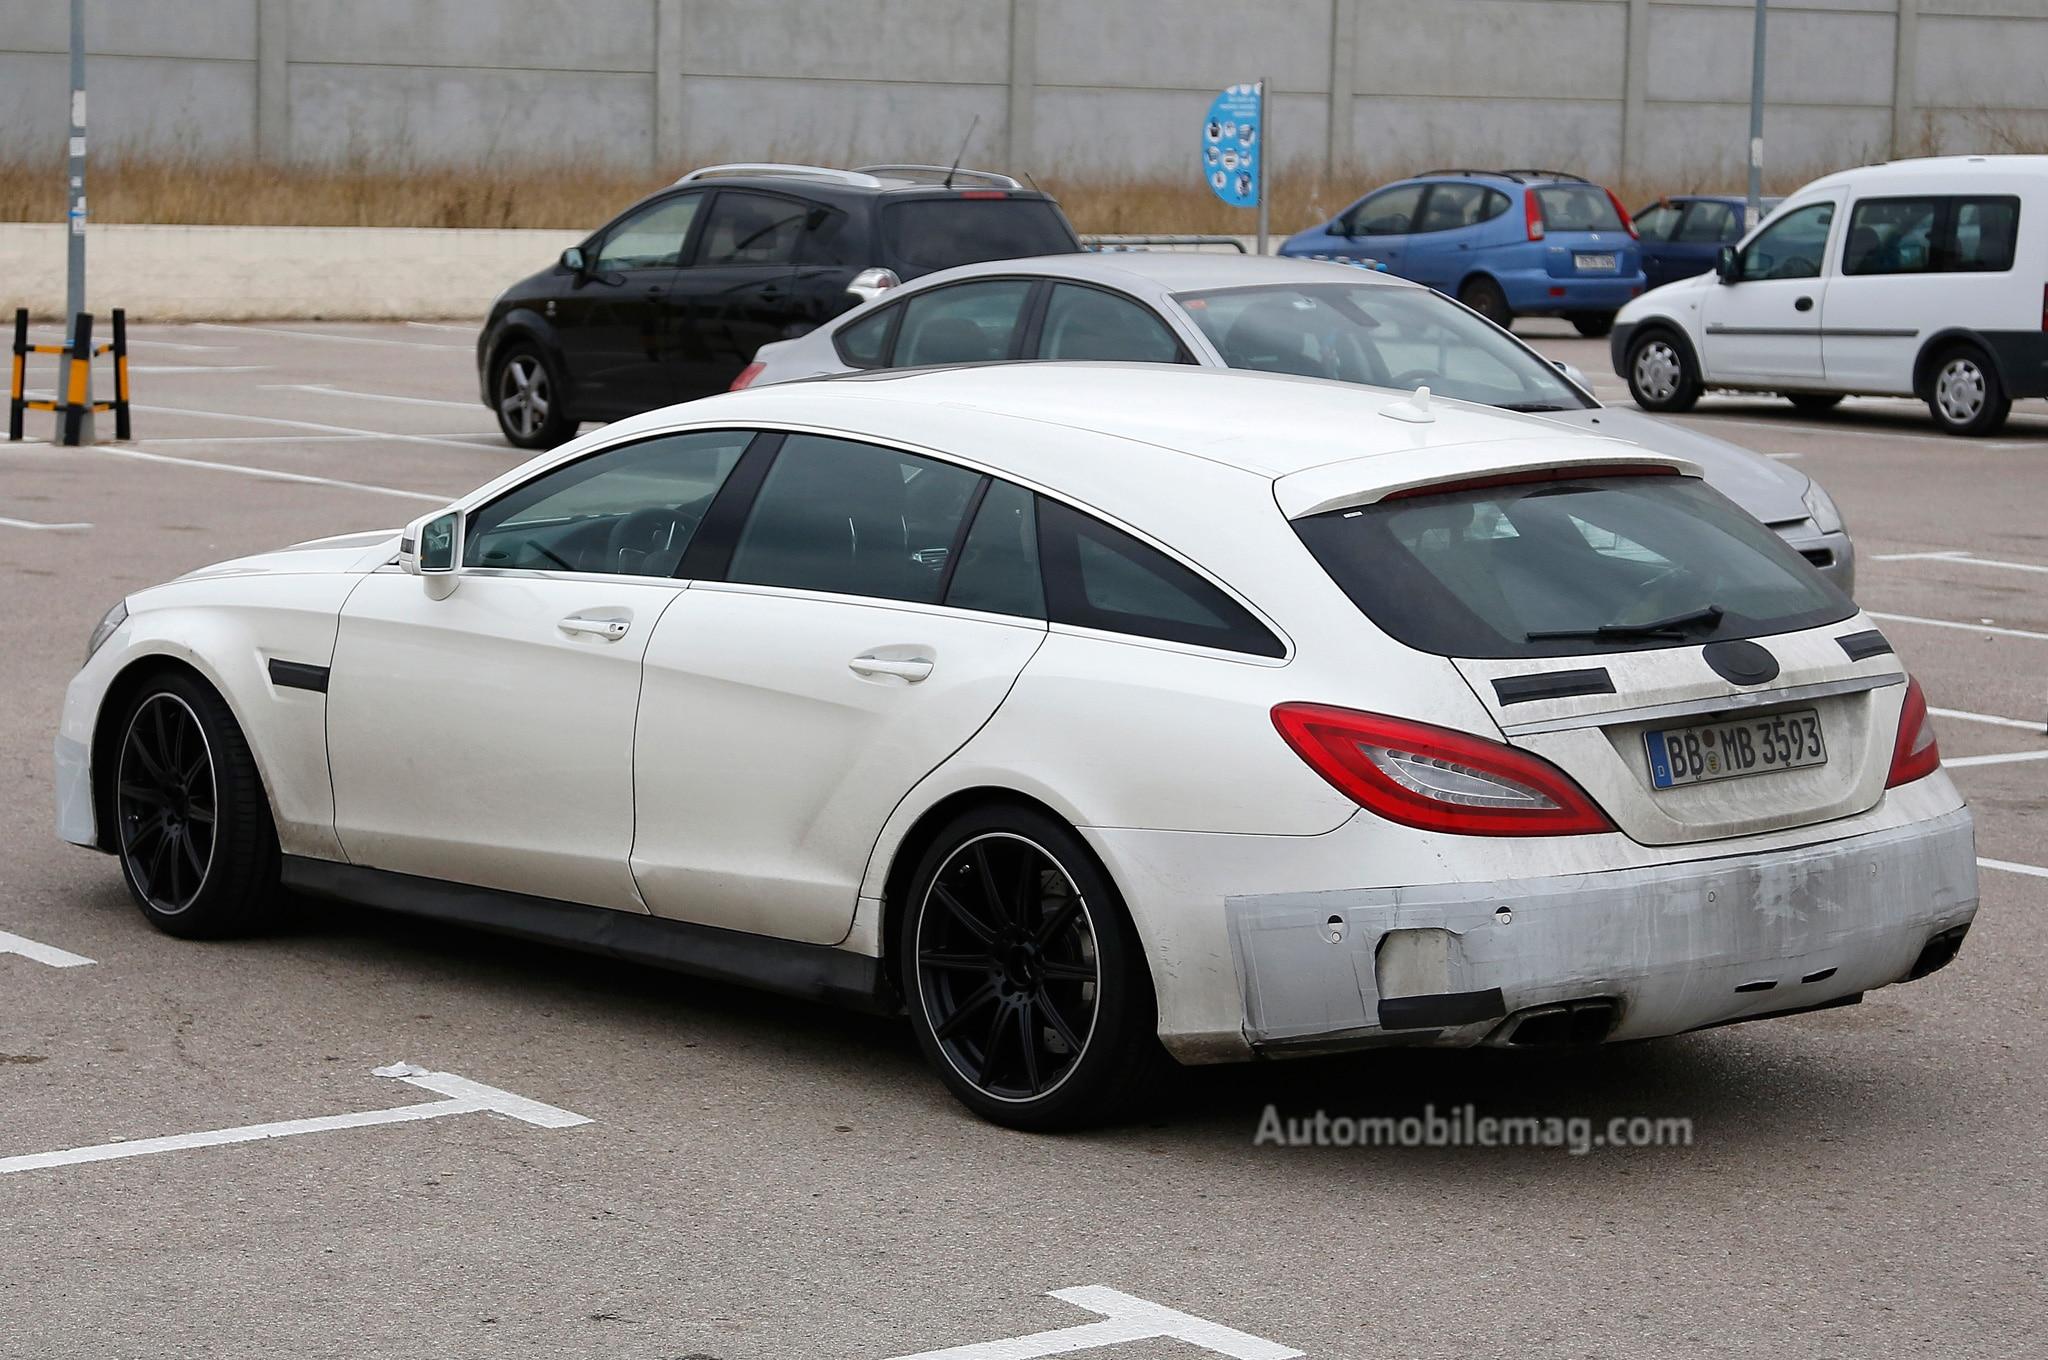 2015 mercedes benz cls63 amg facelift spied automobile for Mercedes benz cls63 amg